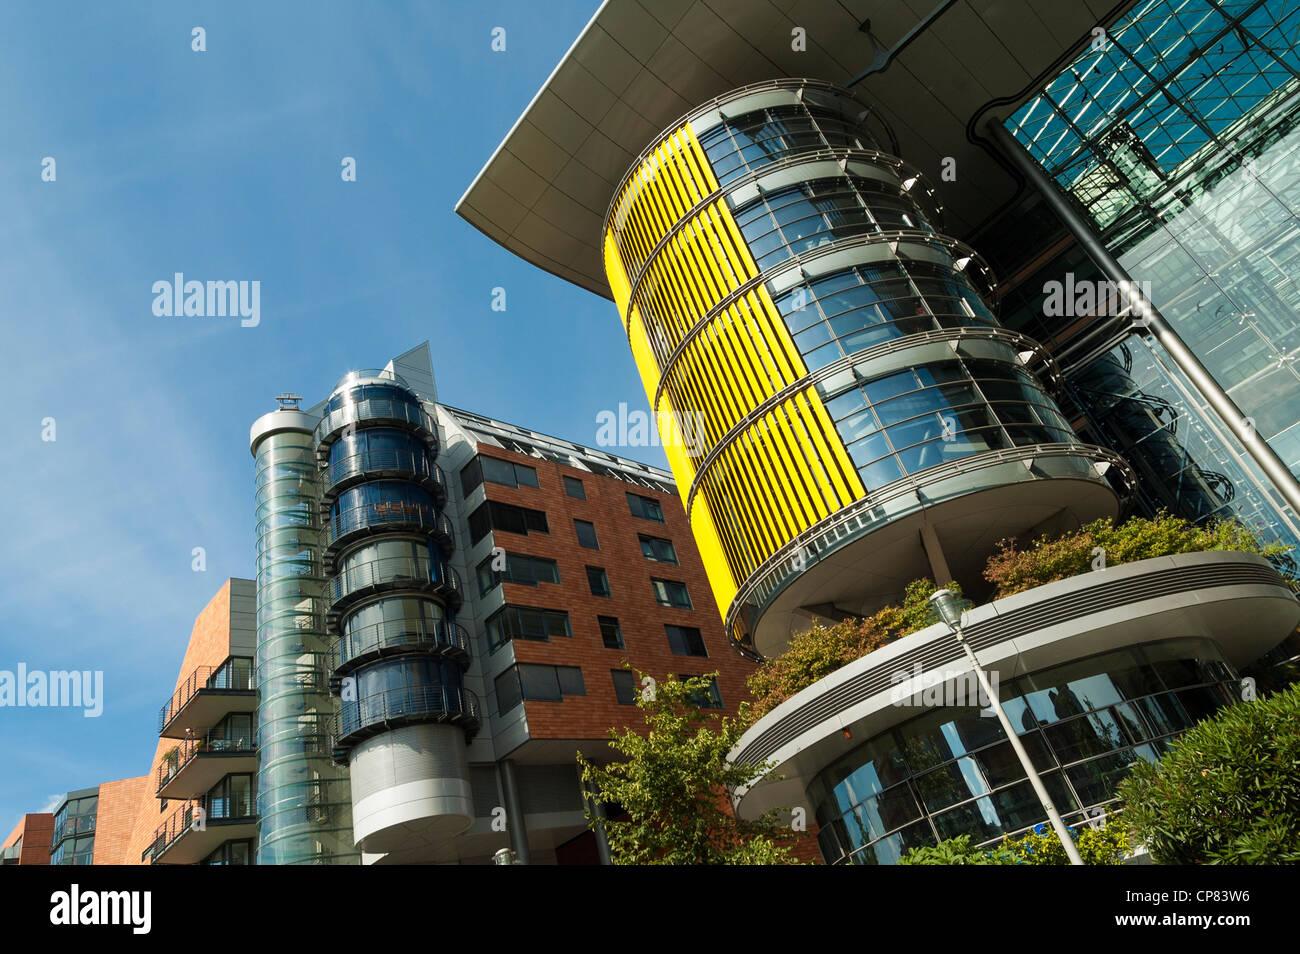 La arquitectura moderna de la Daimler edificios de oficinas y apartamentos en Potsdamer Platz, Berlín, Alemania Imagen De Stock